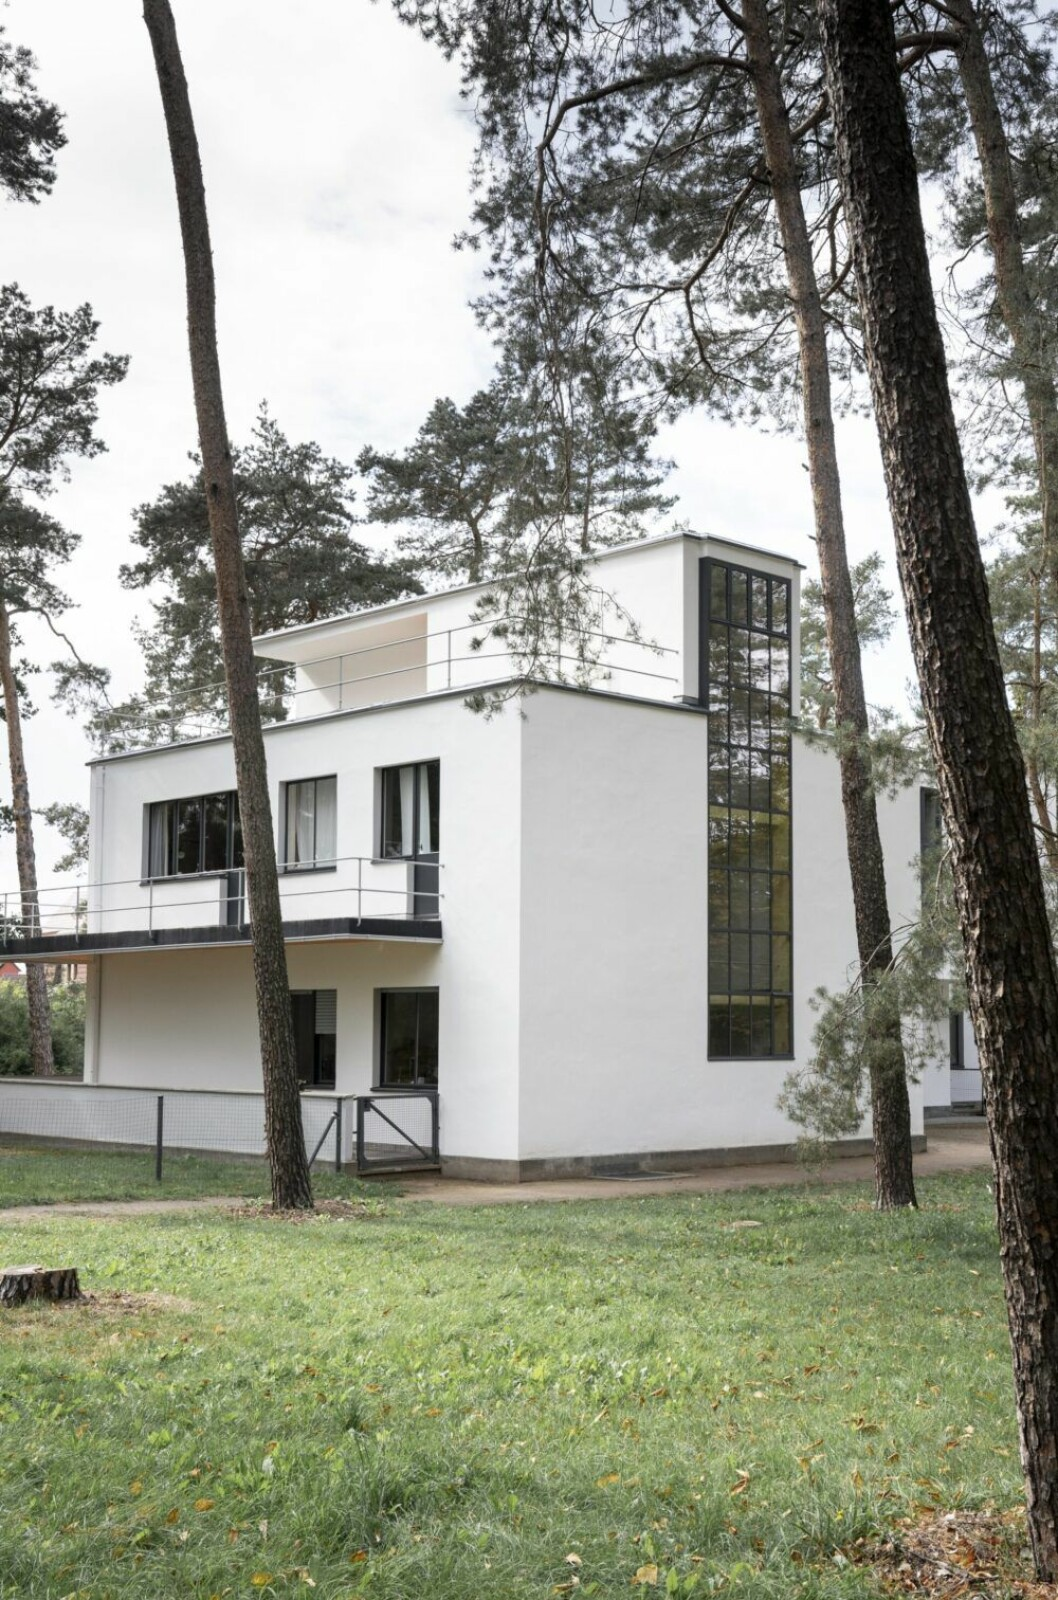 Meisterhäuser i Dessau, foto Melissa Hegge.